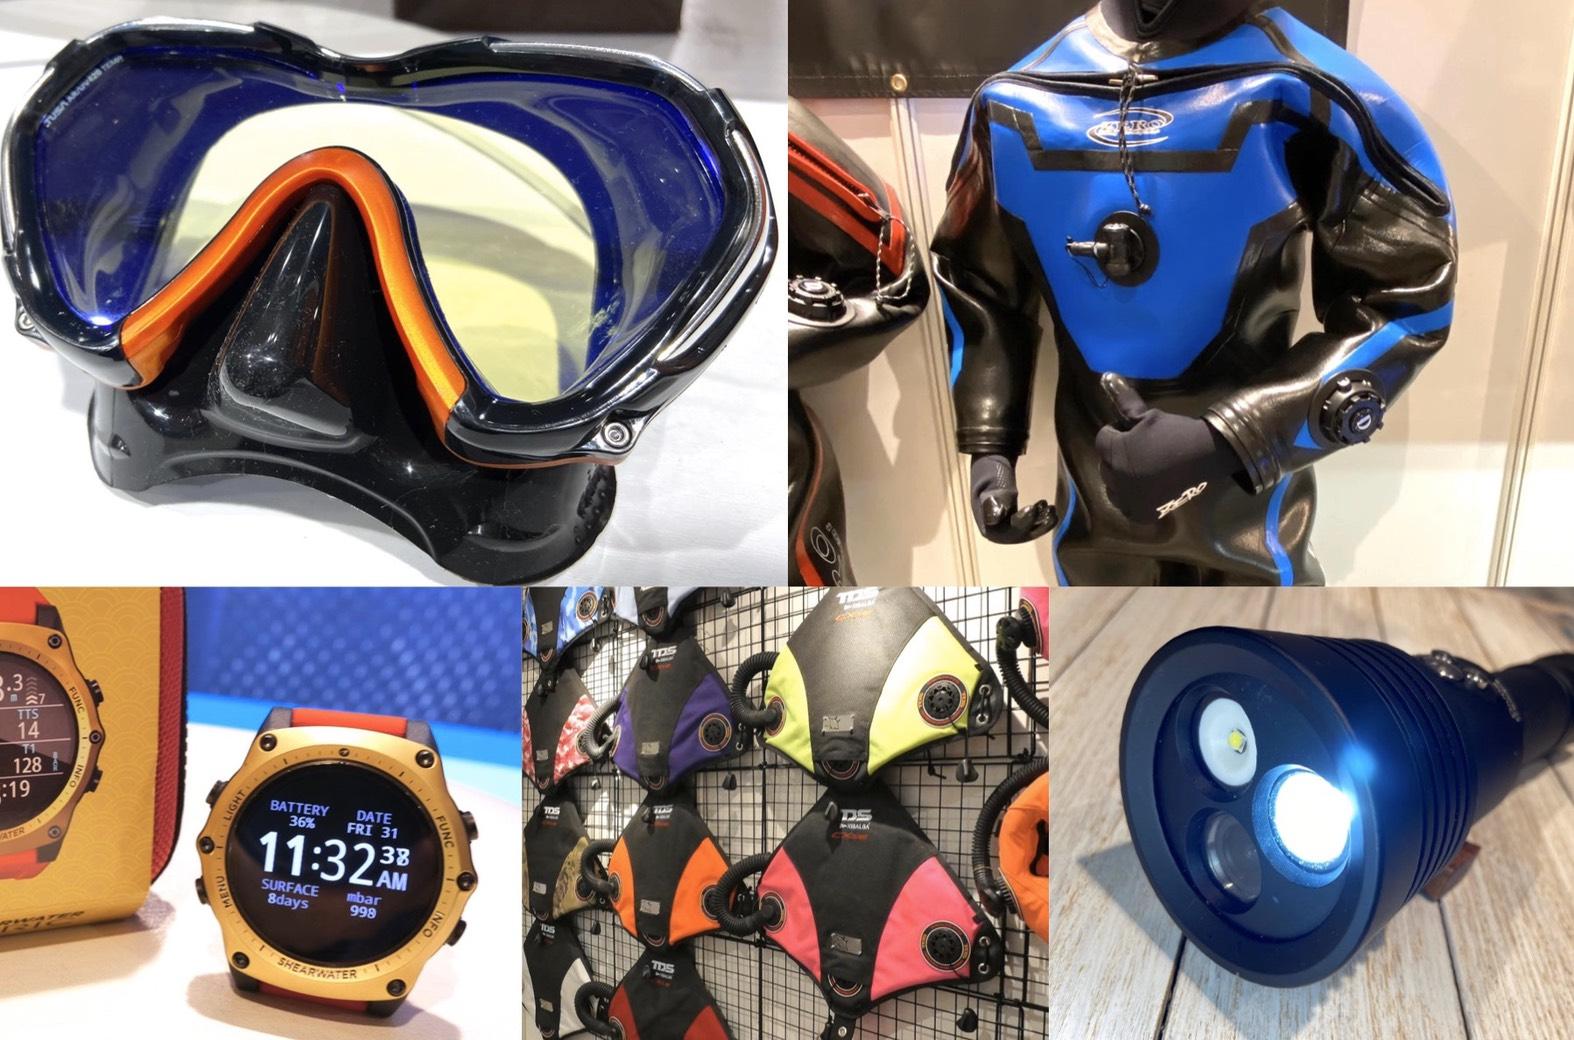 2020年最新ダイビング器材を編集部が総力取材!【4】~ダイビングフェスティバル2020レポート